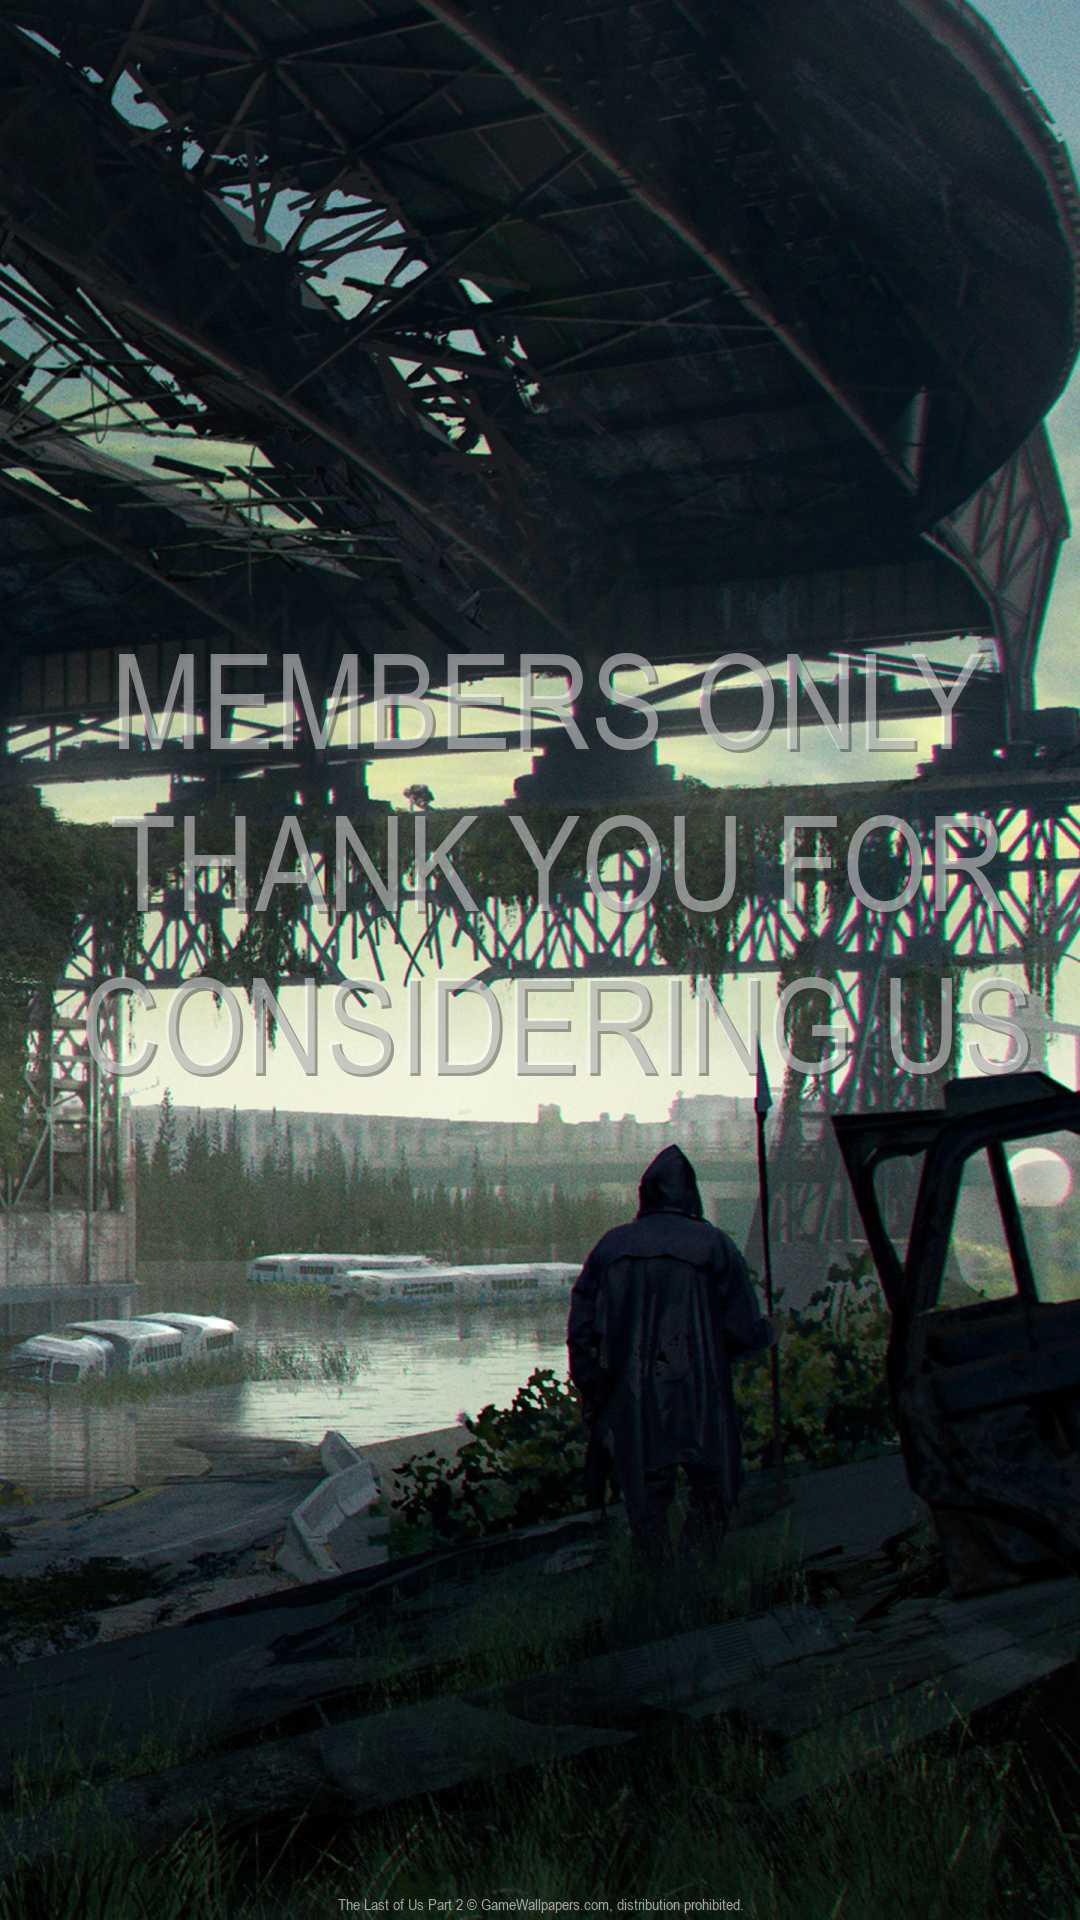 The Last of Us: Part 2 1080p Vertical Móvil fondo de escritorio 10